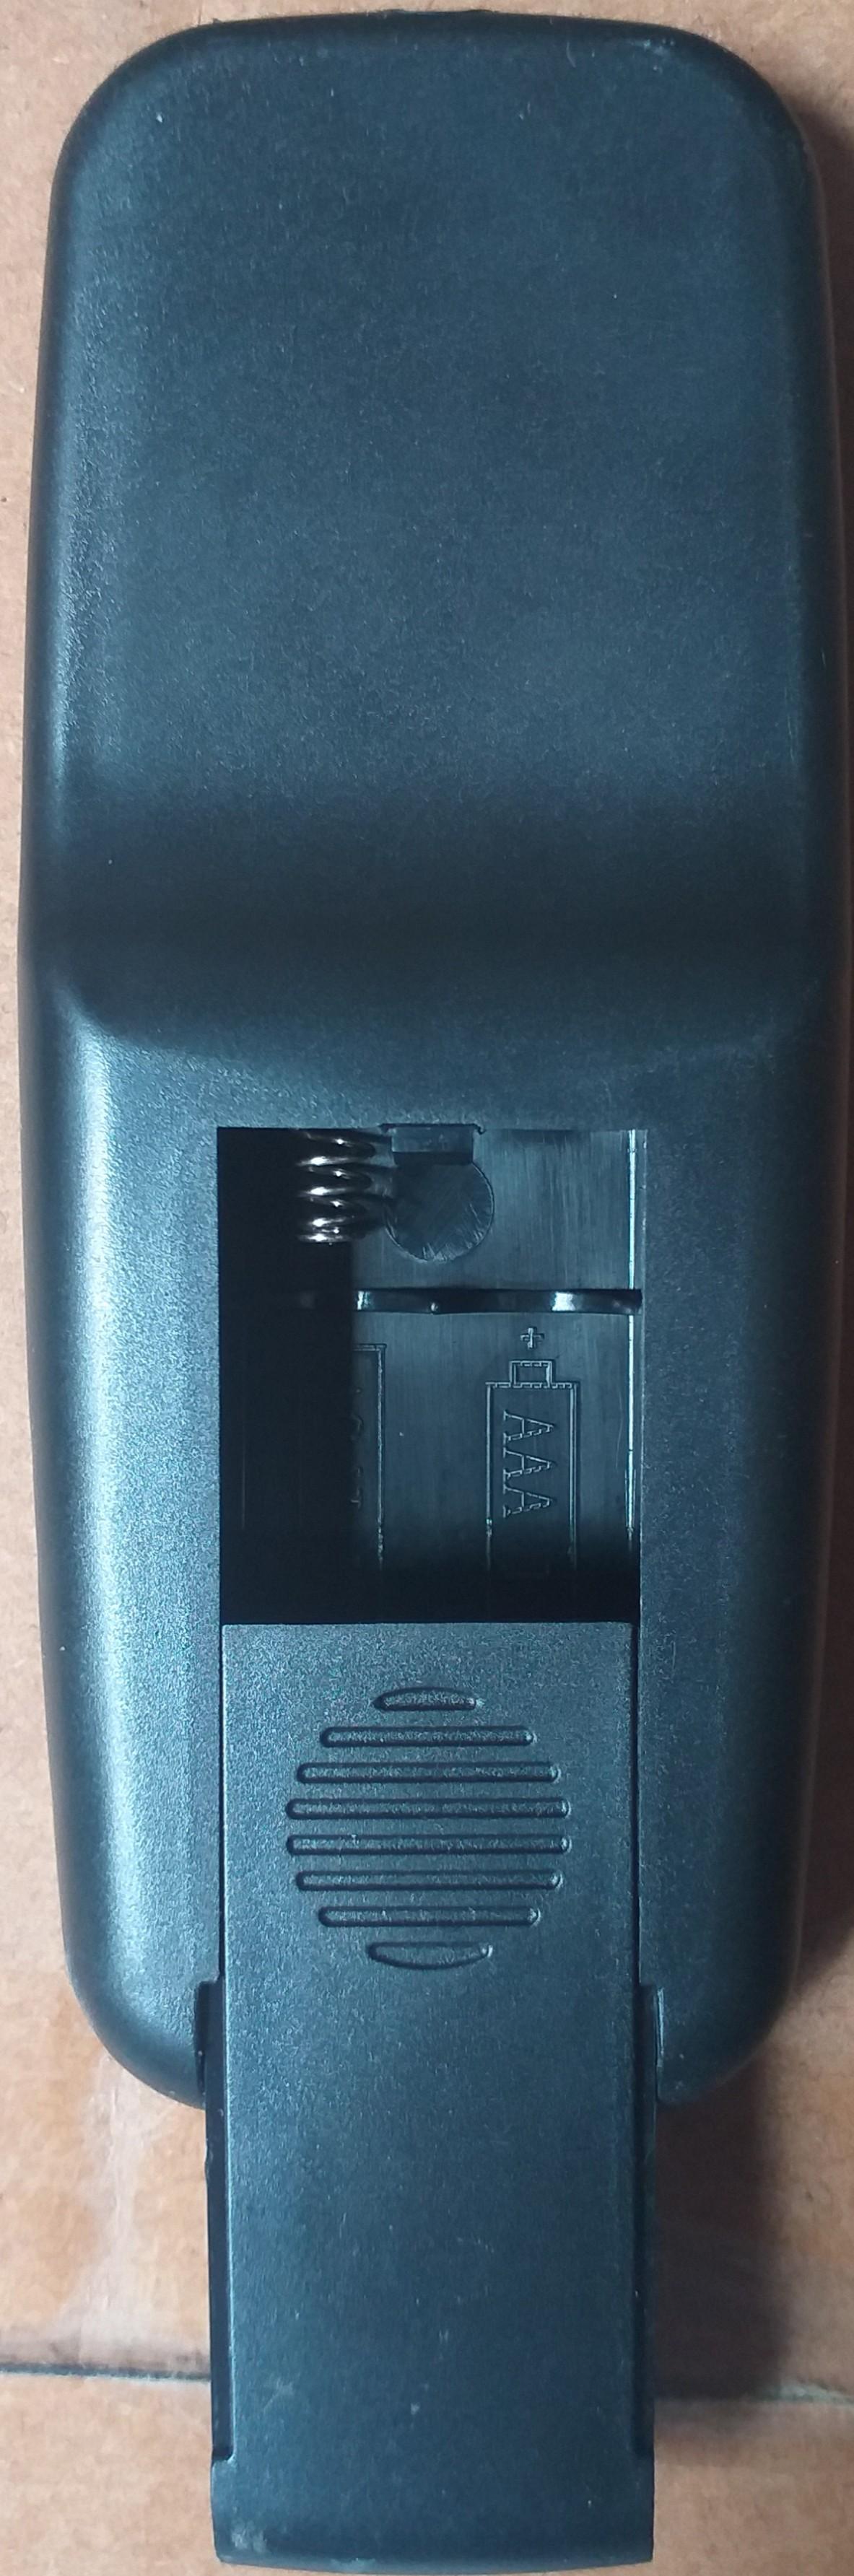 Tay điều khiển quạt đứng - cây - treo tường - đảo trần điều khiển Điện